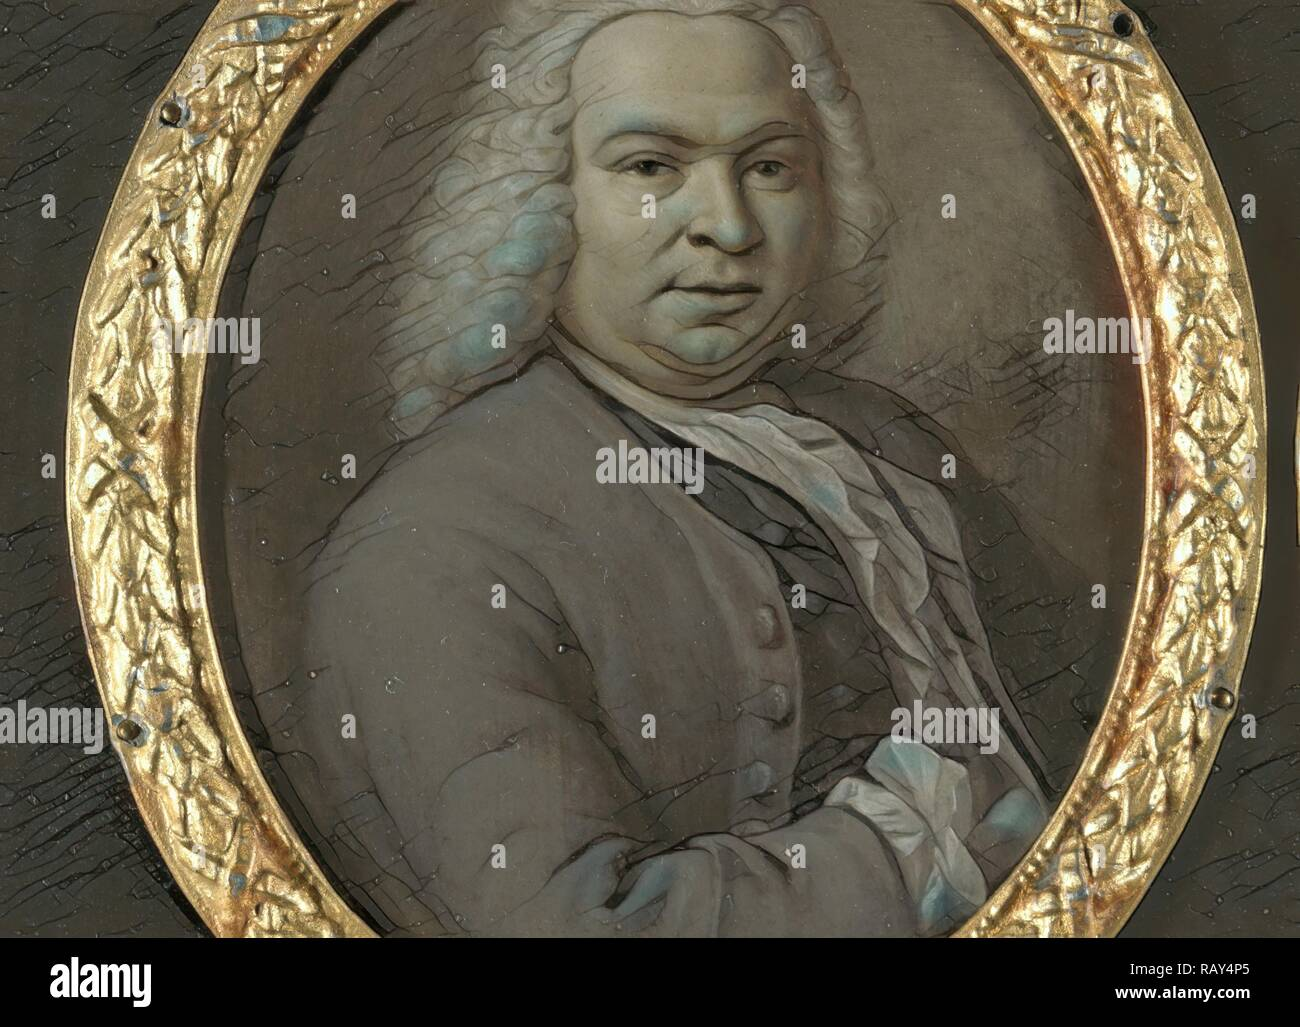 Portrait of Theodoor van Snakenburg, Jurist and Poet in Leiden, Hieronymus van der Mij, 1743. Reimagined - Stock Image